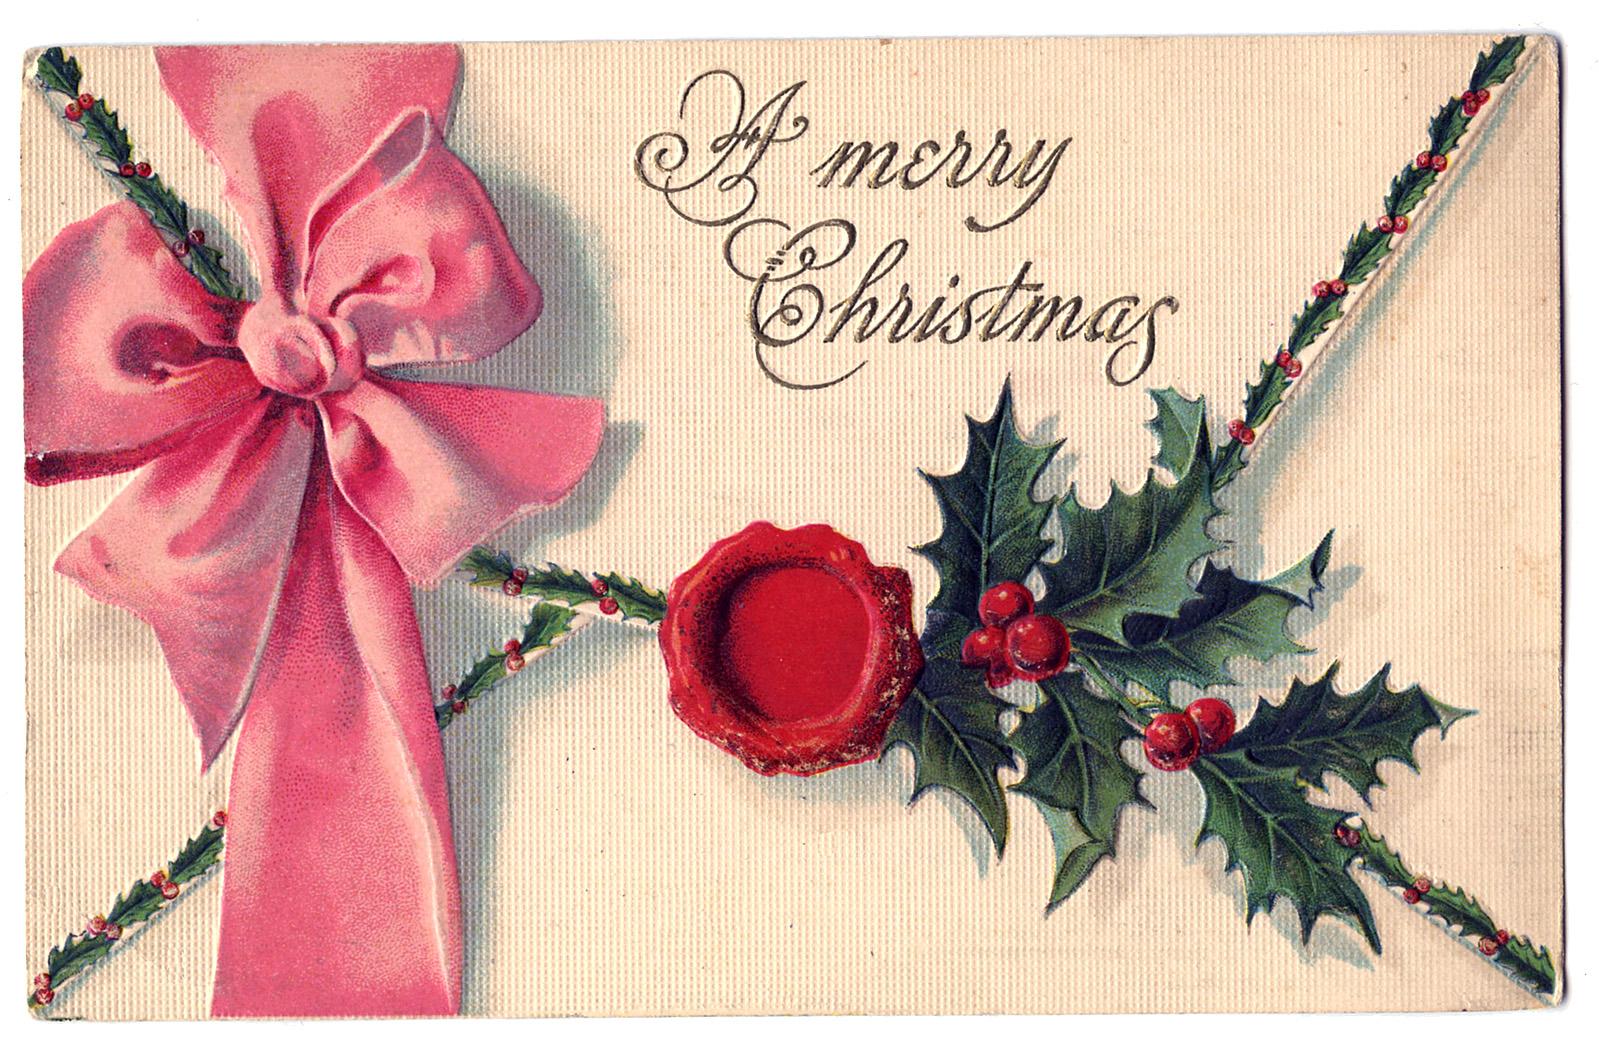 Surréaliste Deco Enveloppe Noel A Imprimer | Exactjuristen DQ-61